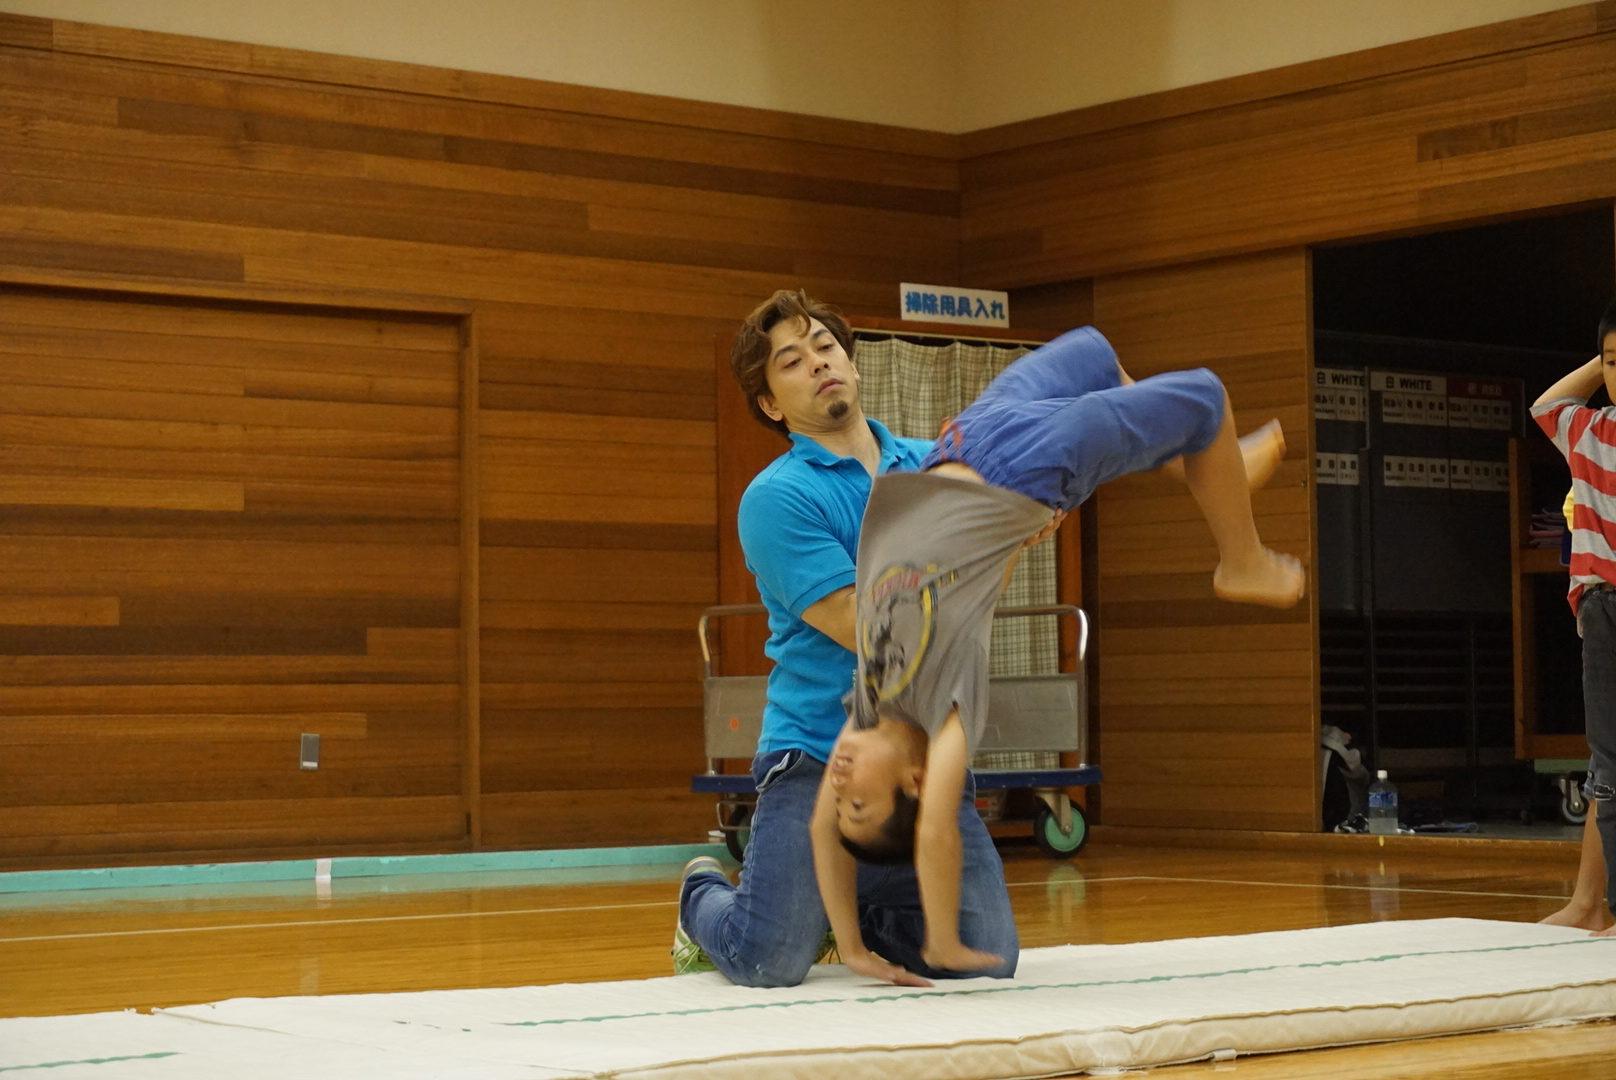 1月13日(水曜日)アクロバット体操参加者募集案内